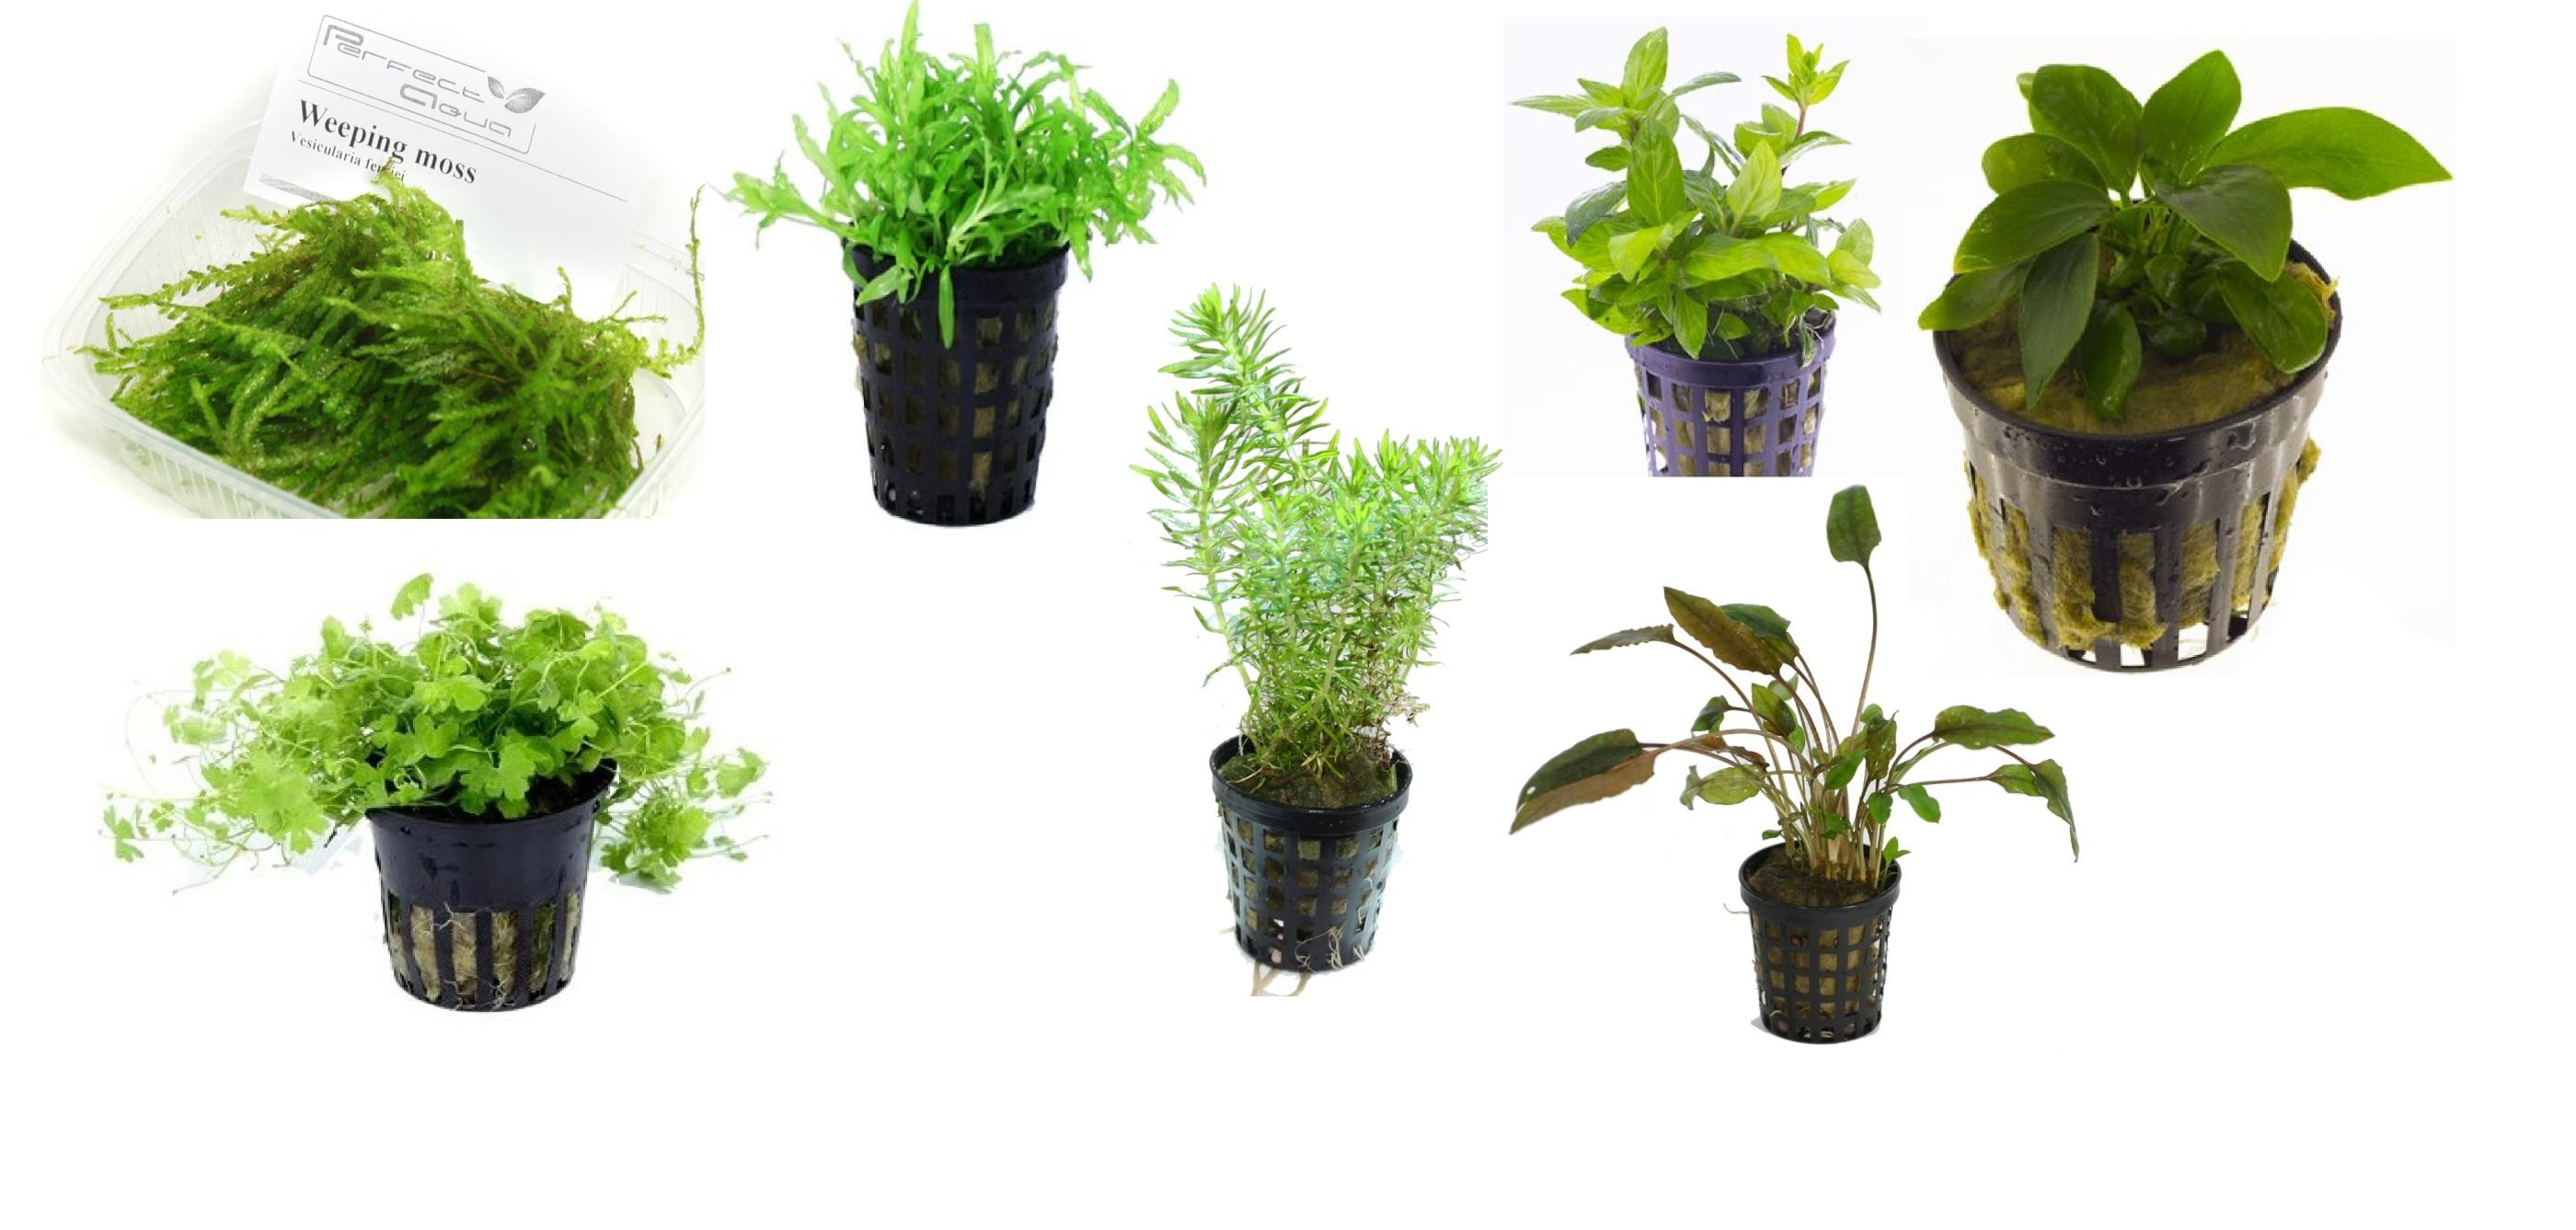 växtpaket nano